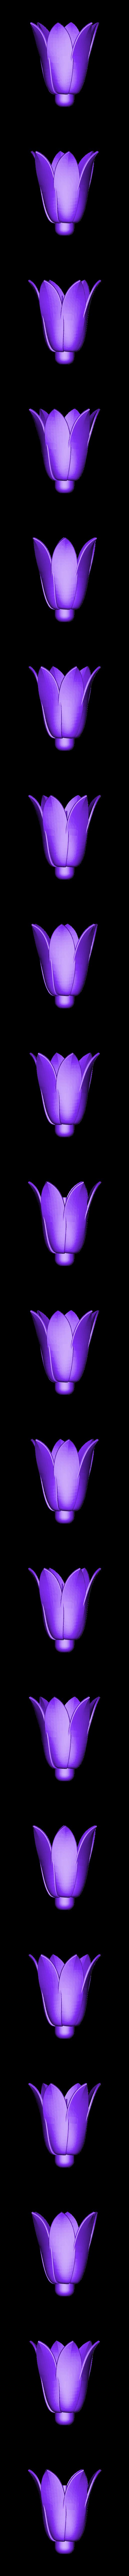 campanule_n_0.STL Download free STL file Fleurs • 3D print design, Etienne